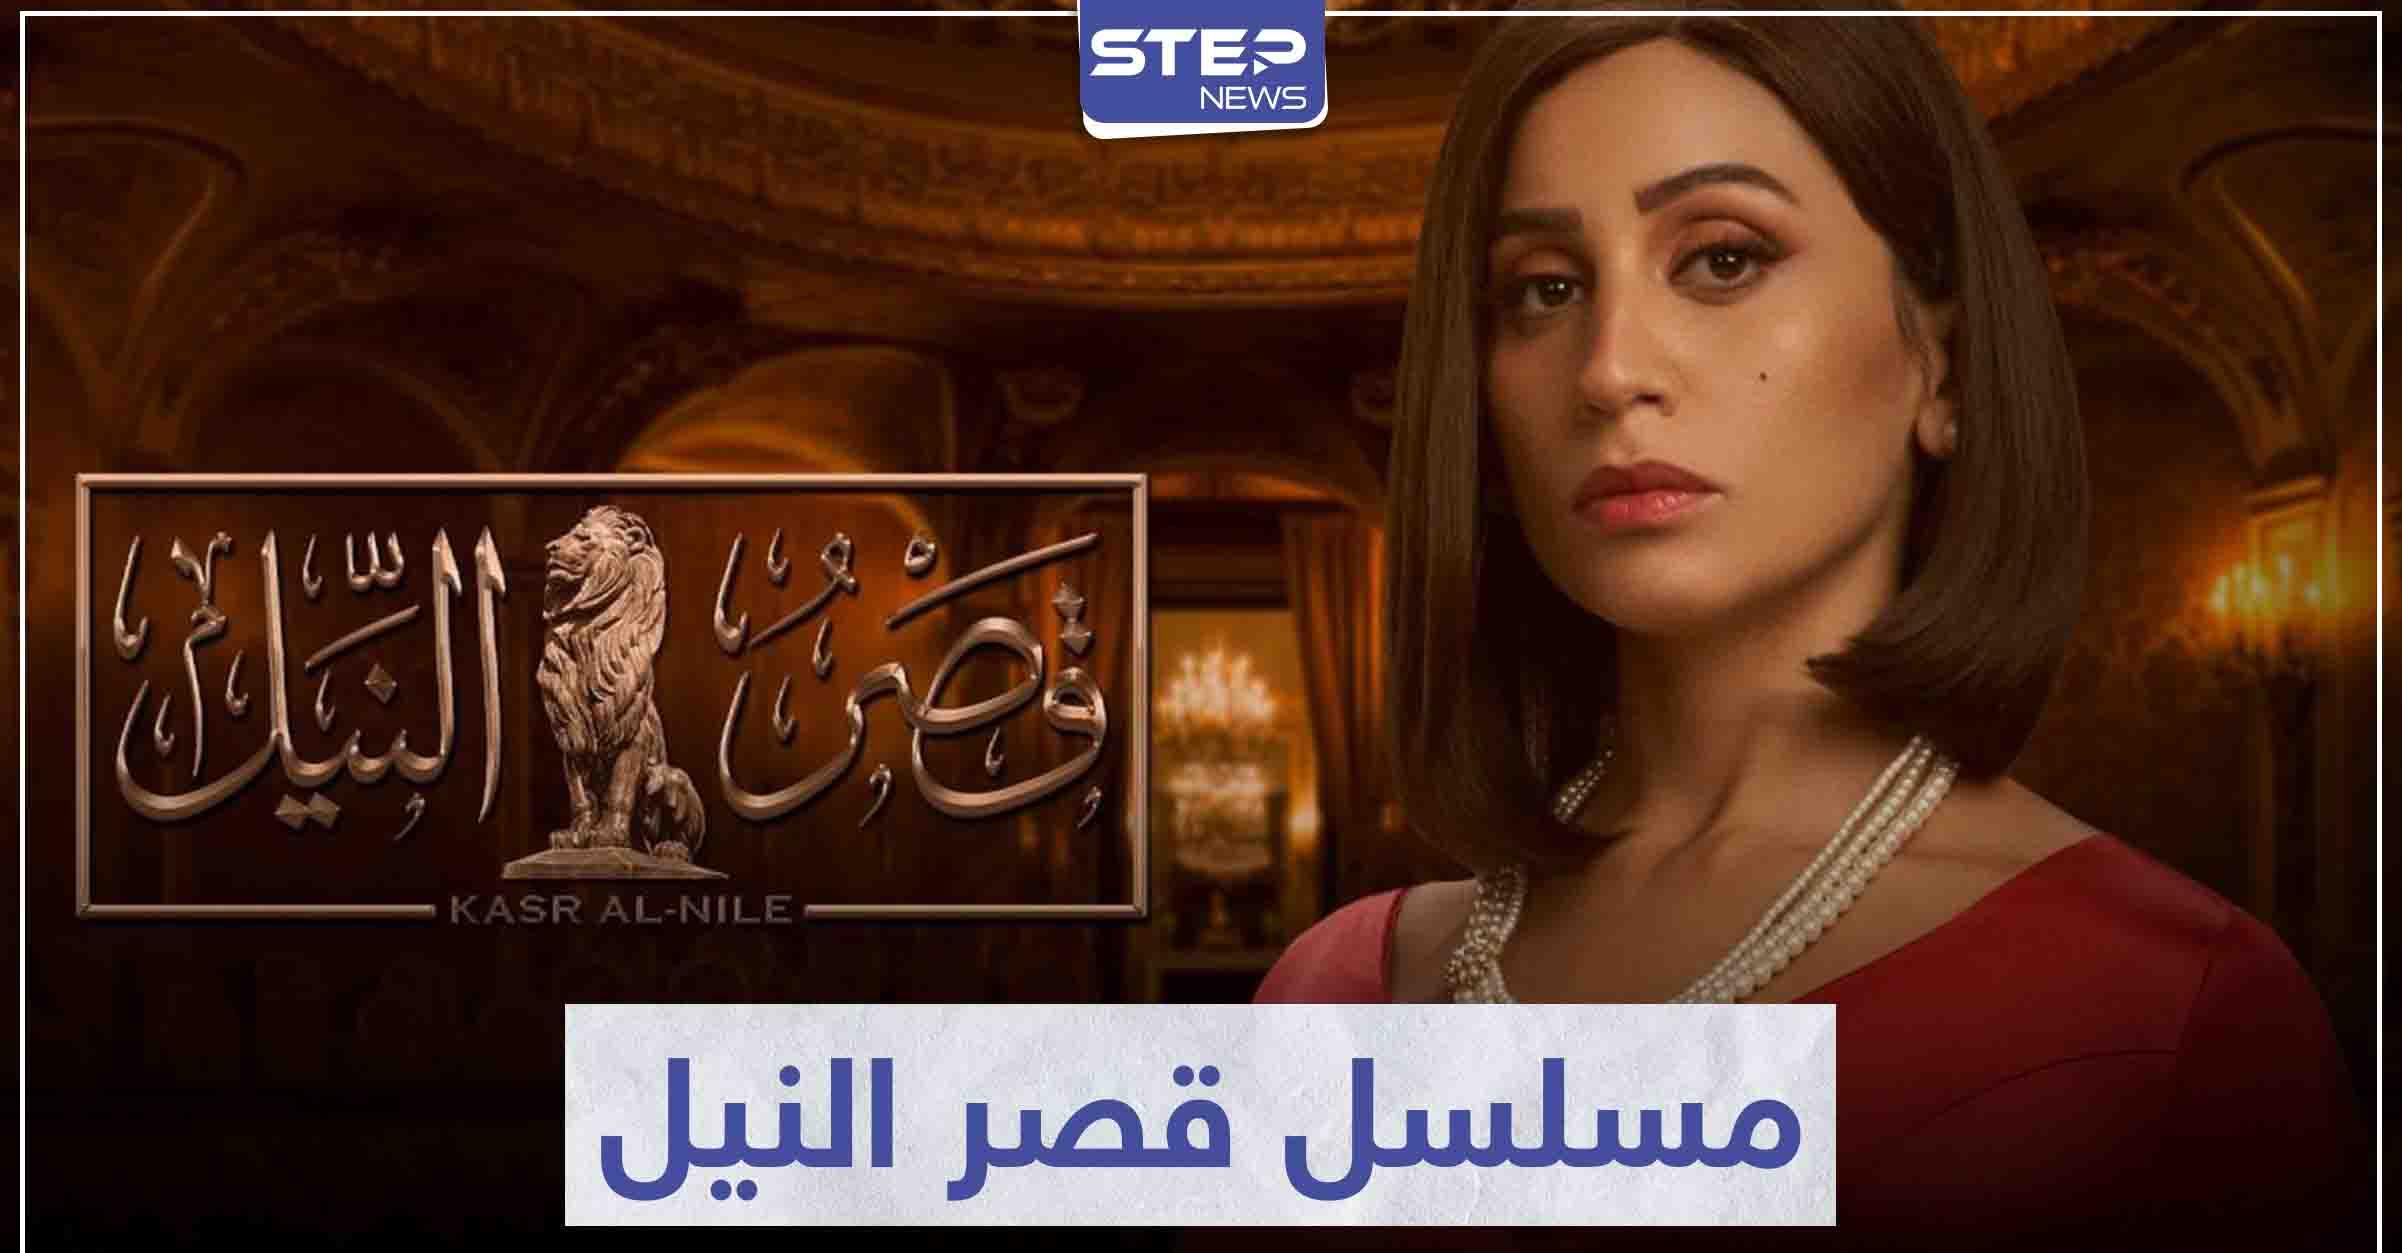 """""""دينا الشربيني"""" تعود بنا إلى ستينيات القرن الماضي في مسلسل قصر النيل"""